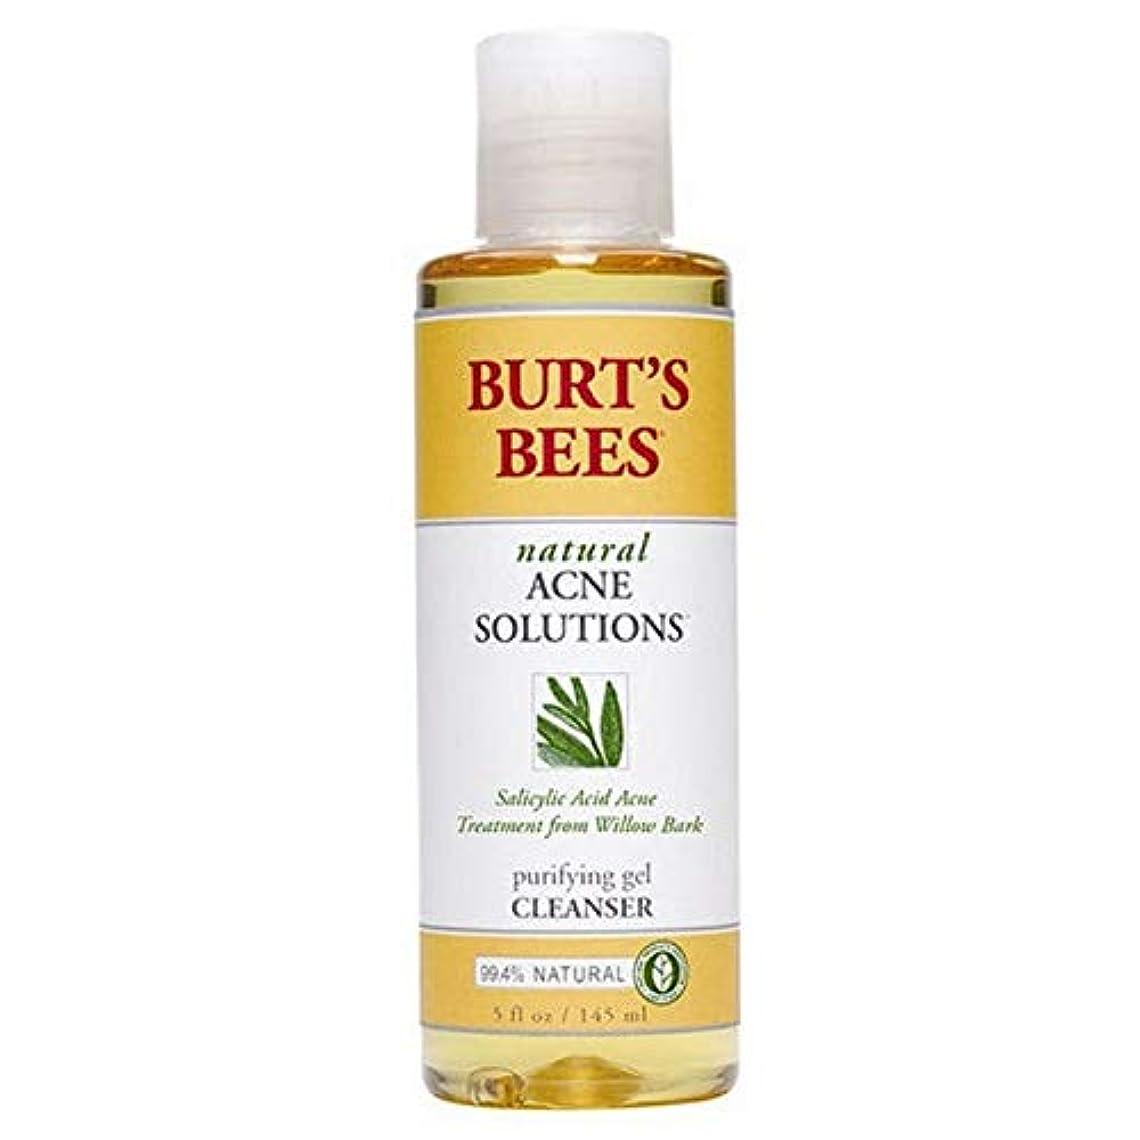 マイナー望み植物学者[Burt's Bees ] バーツビー反傷毎日クレンザー、145ミリリットル - Burt's Bees Anti Blemish Daily Cleanser, 145ml [並行輸入品]